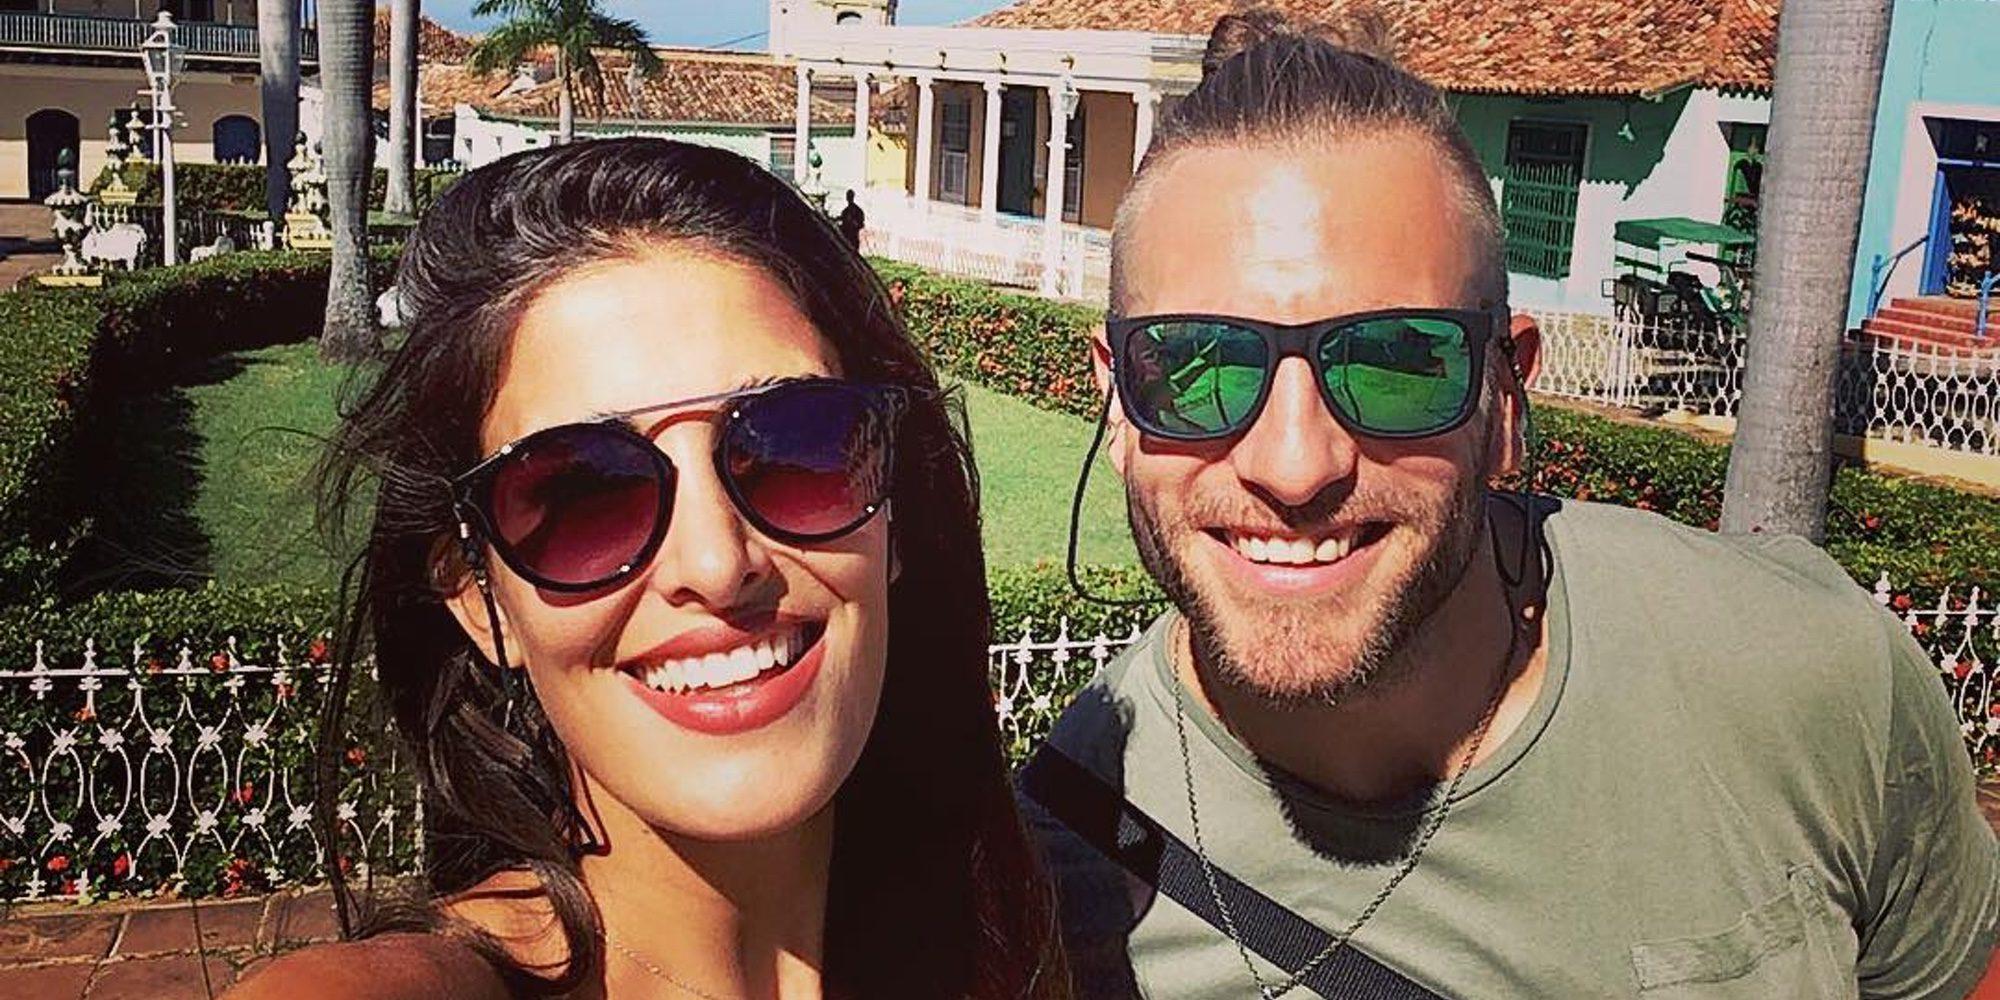 La odisea de Lidia Torrent y Matías Roure ('First Dates') al quedarse atrapados en Cuba por el huracán Irma